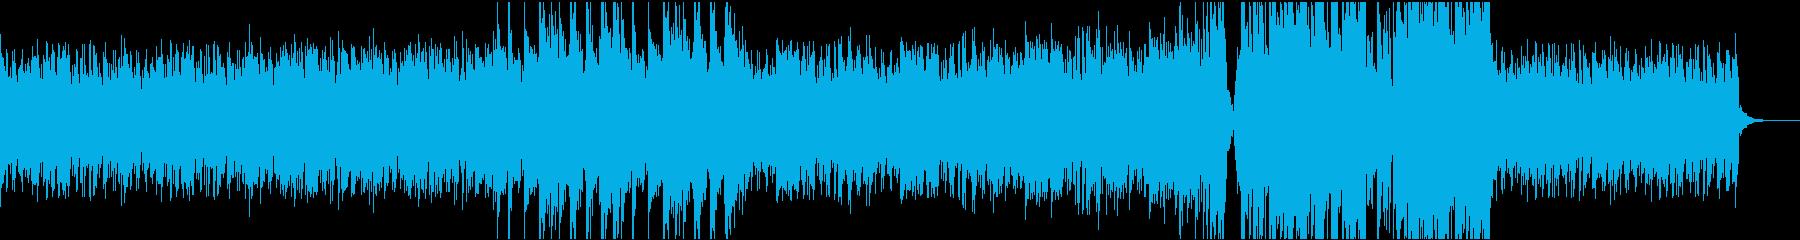 ハッピーポジティブトラックの再生済みの波形